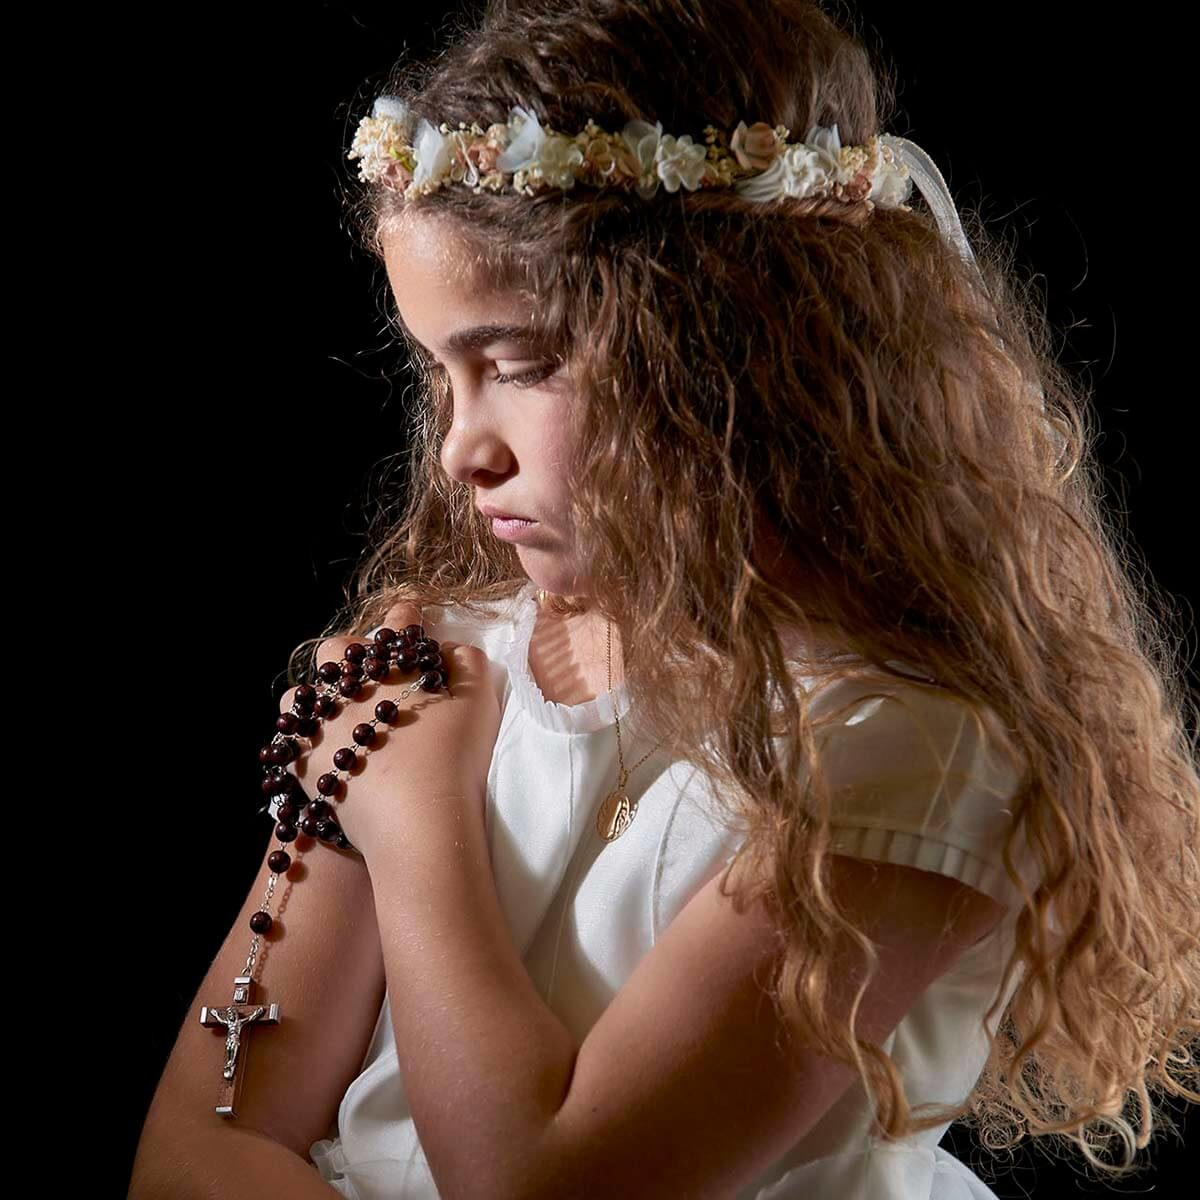 Niña mirando rosario de comunión